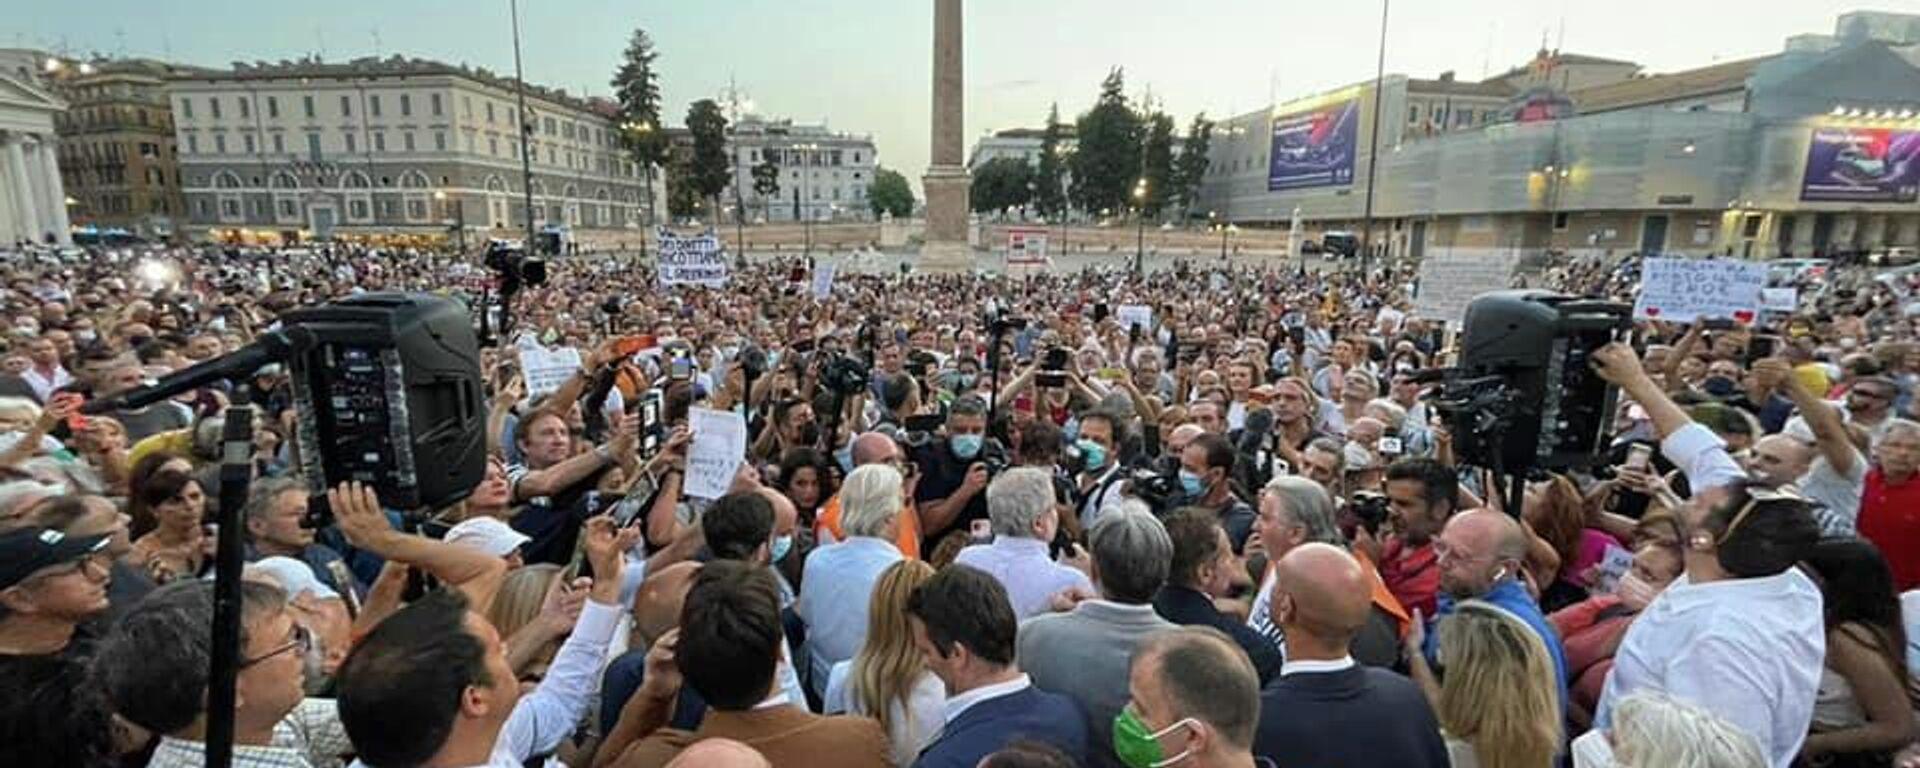 Comitato Libera Scelta, manifestazione del 28 luglio 2021 - Sputnik Italia, 1920, 28.07.2021